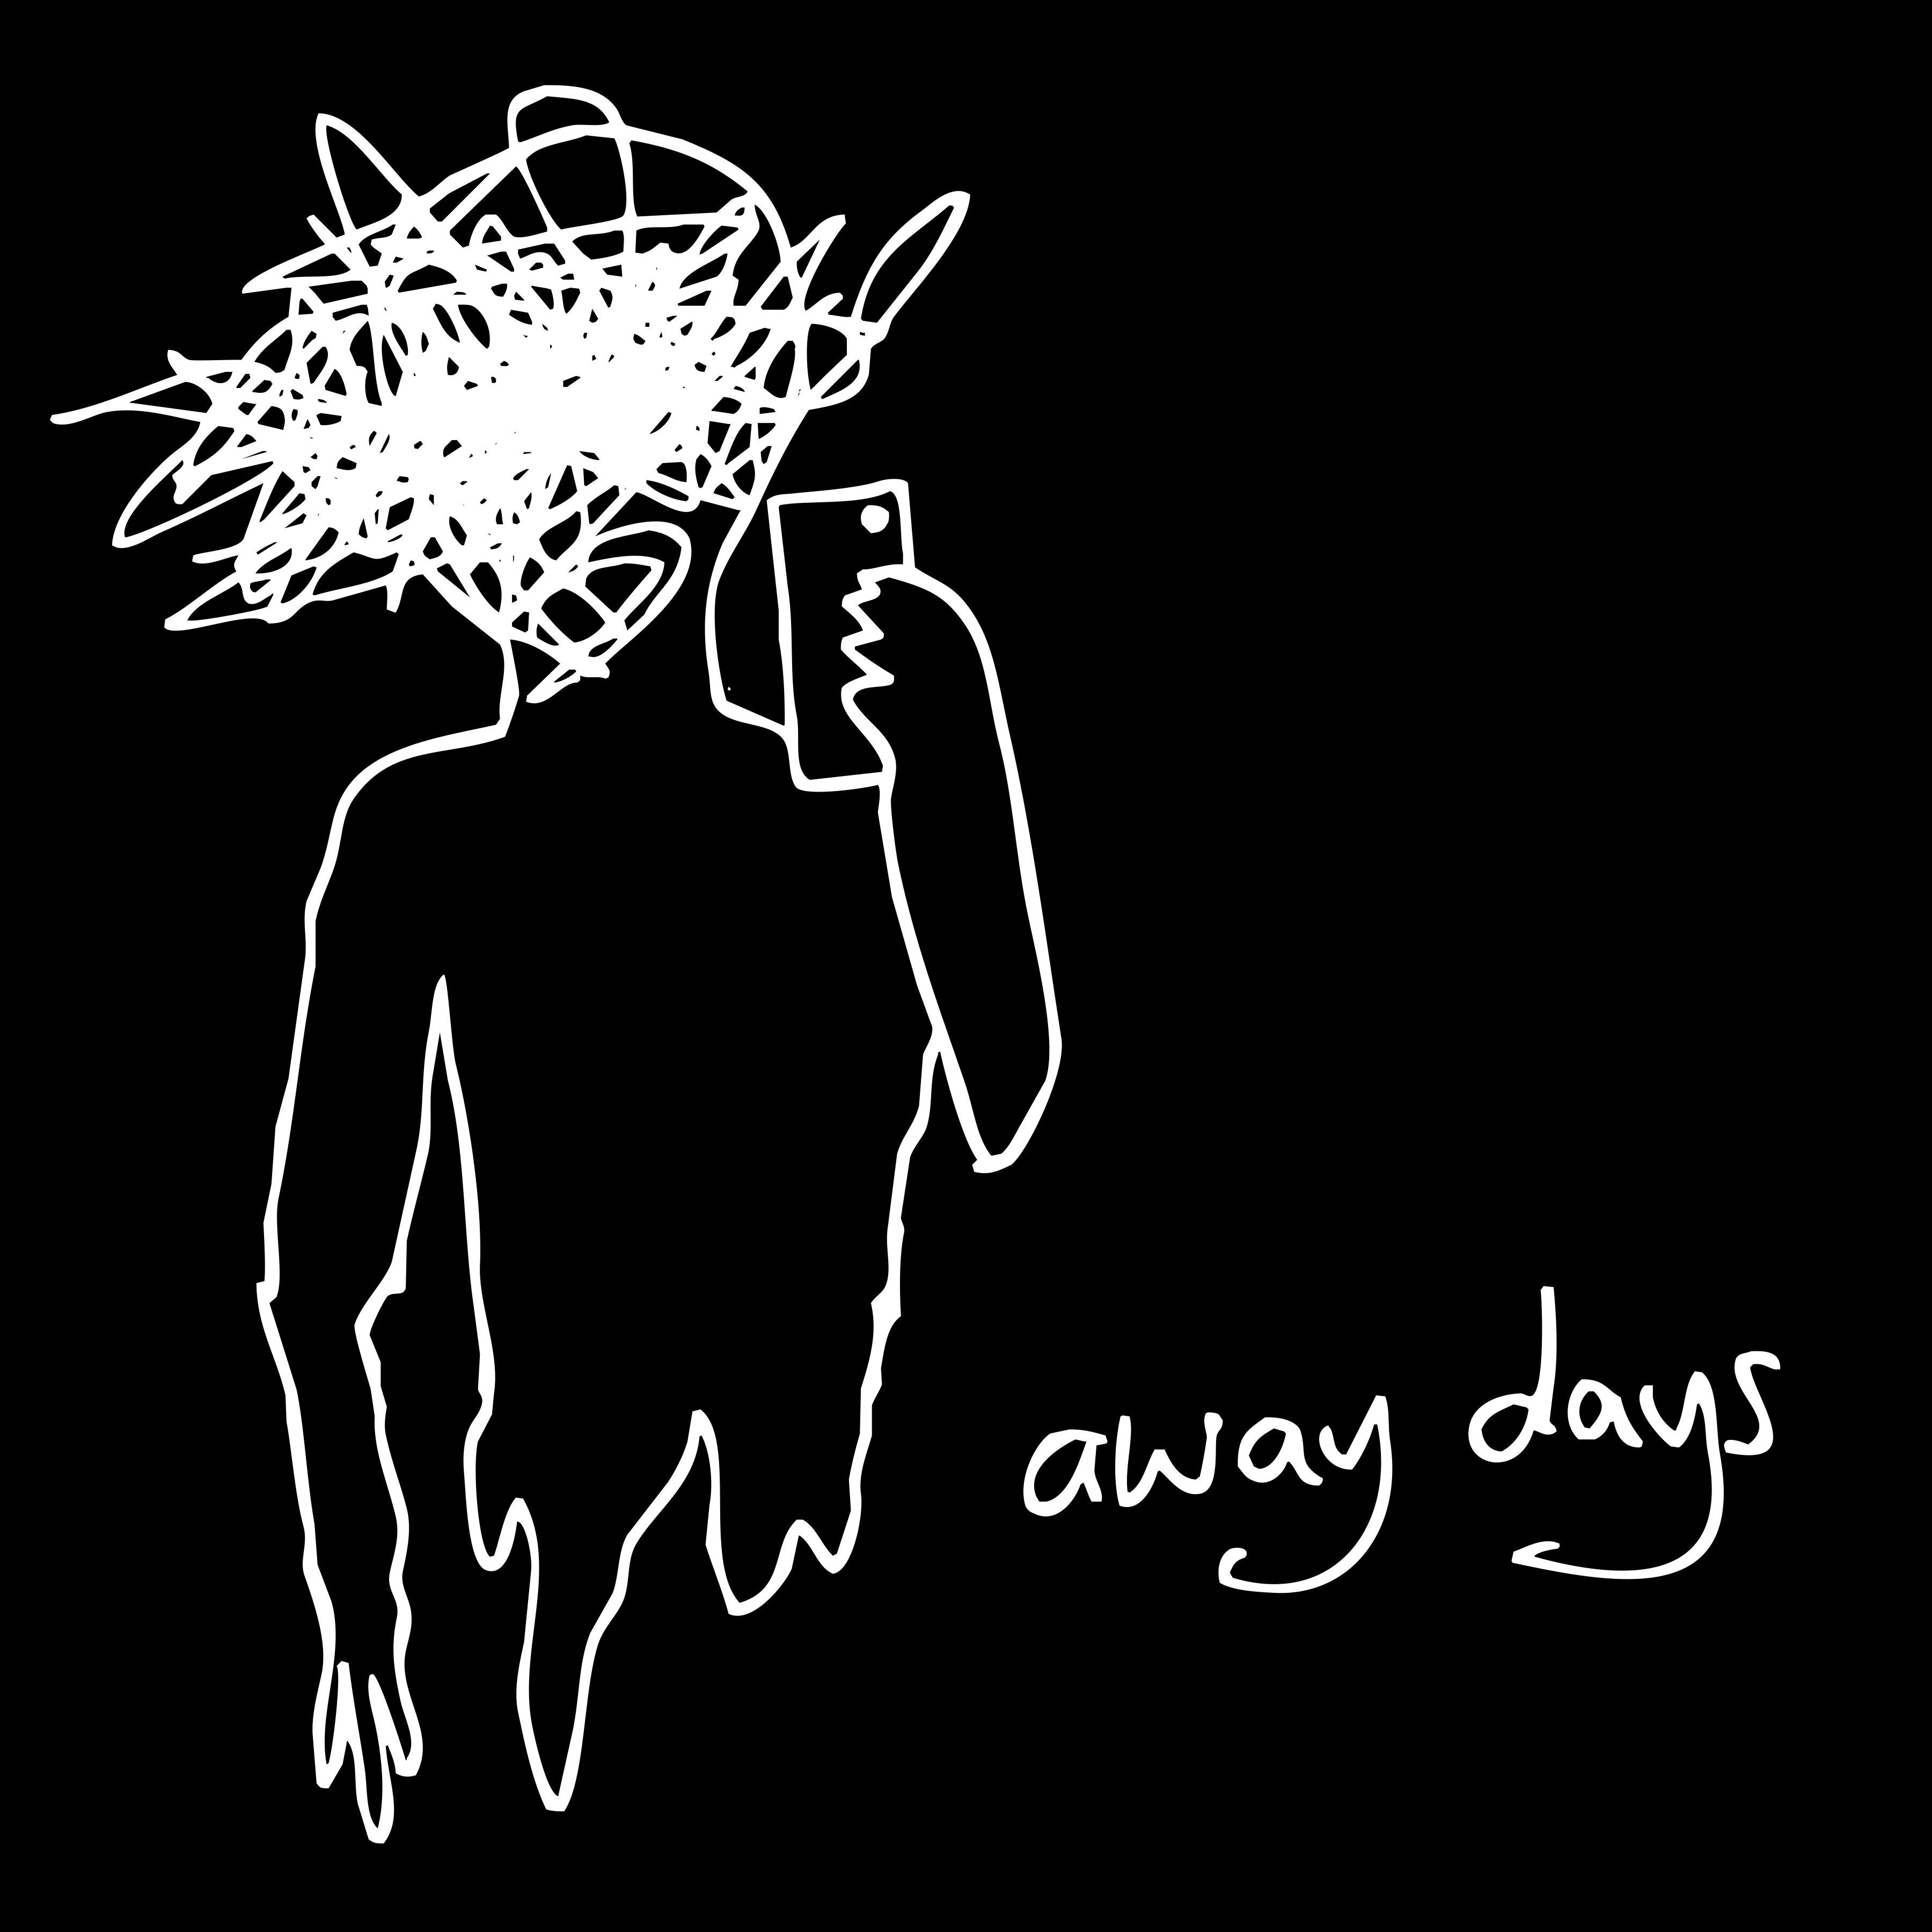 Away Days - Away Days EP